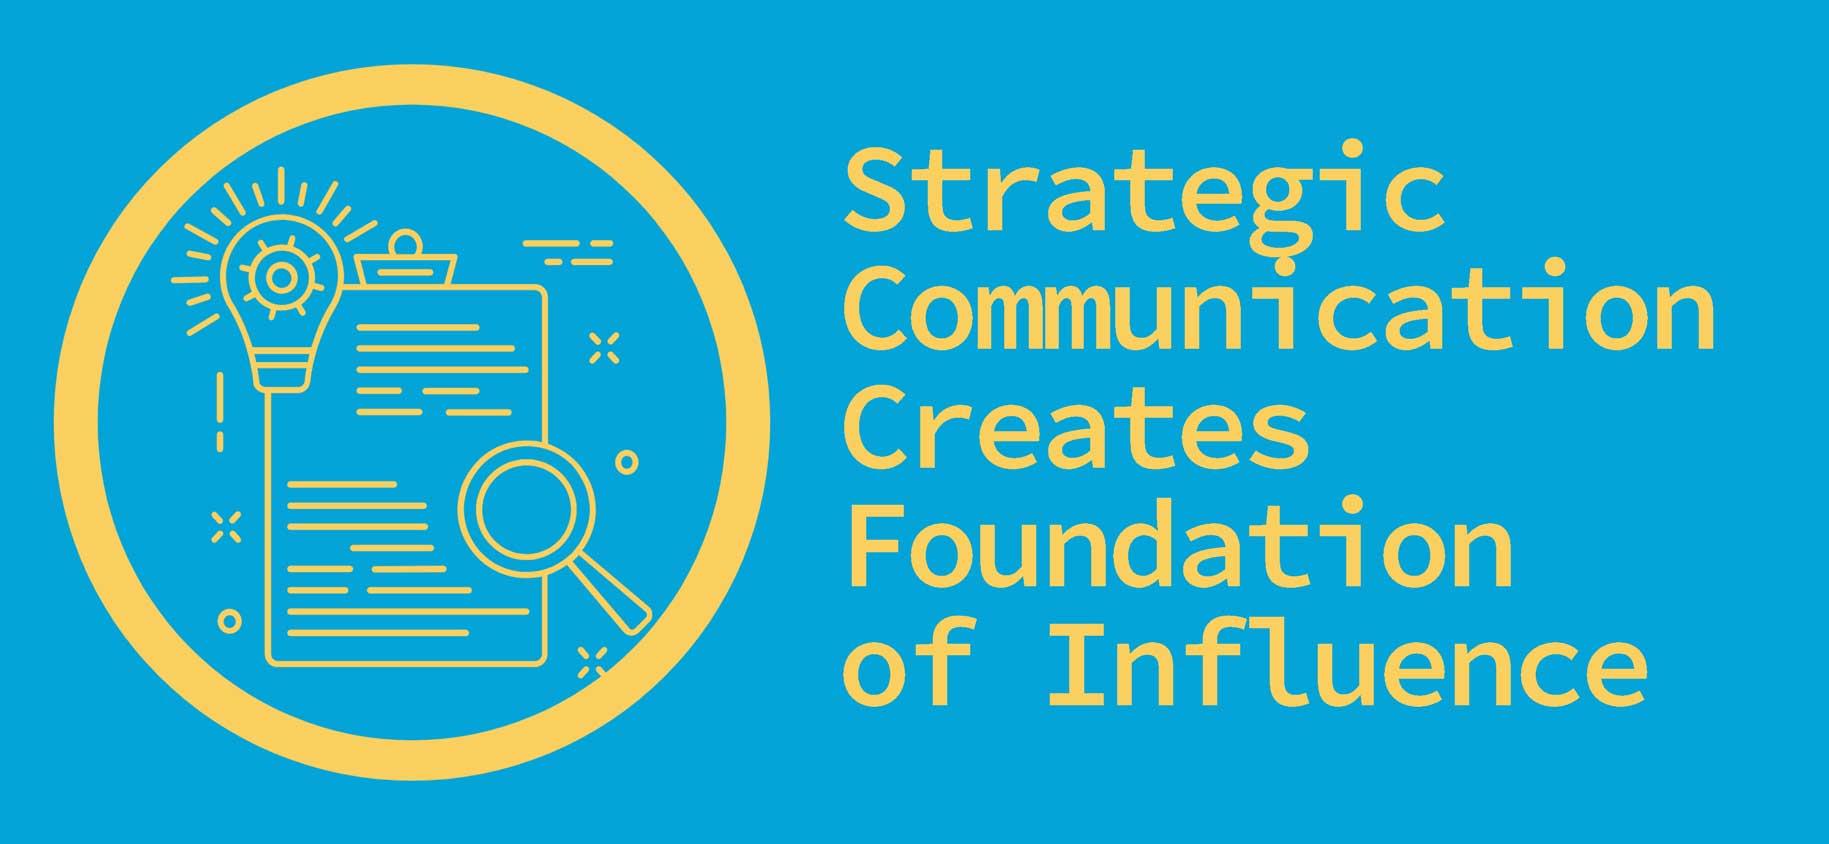 Strategic Communication Creates Foundation of Influence